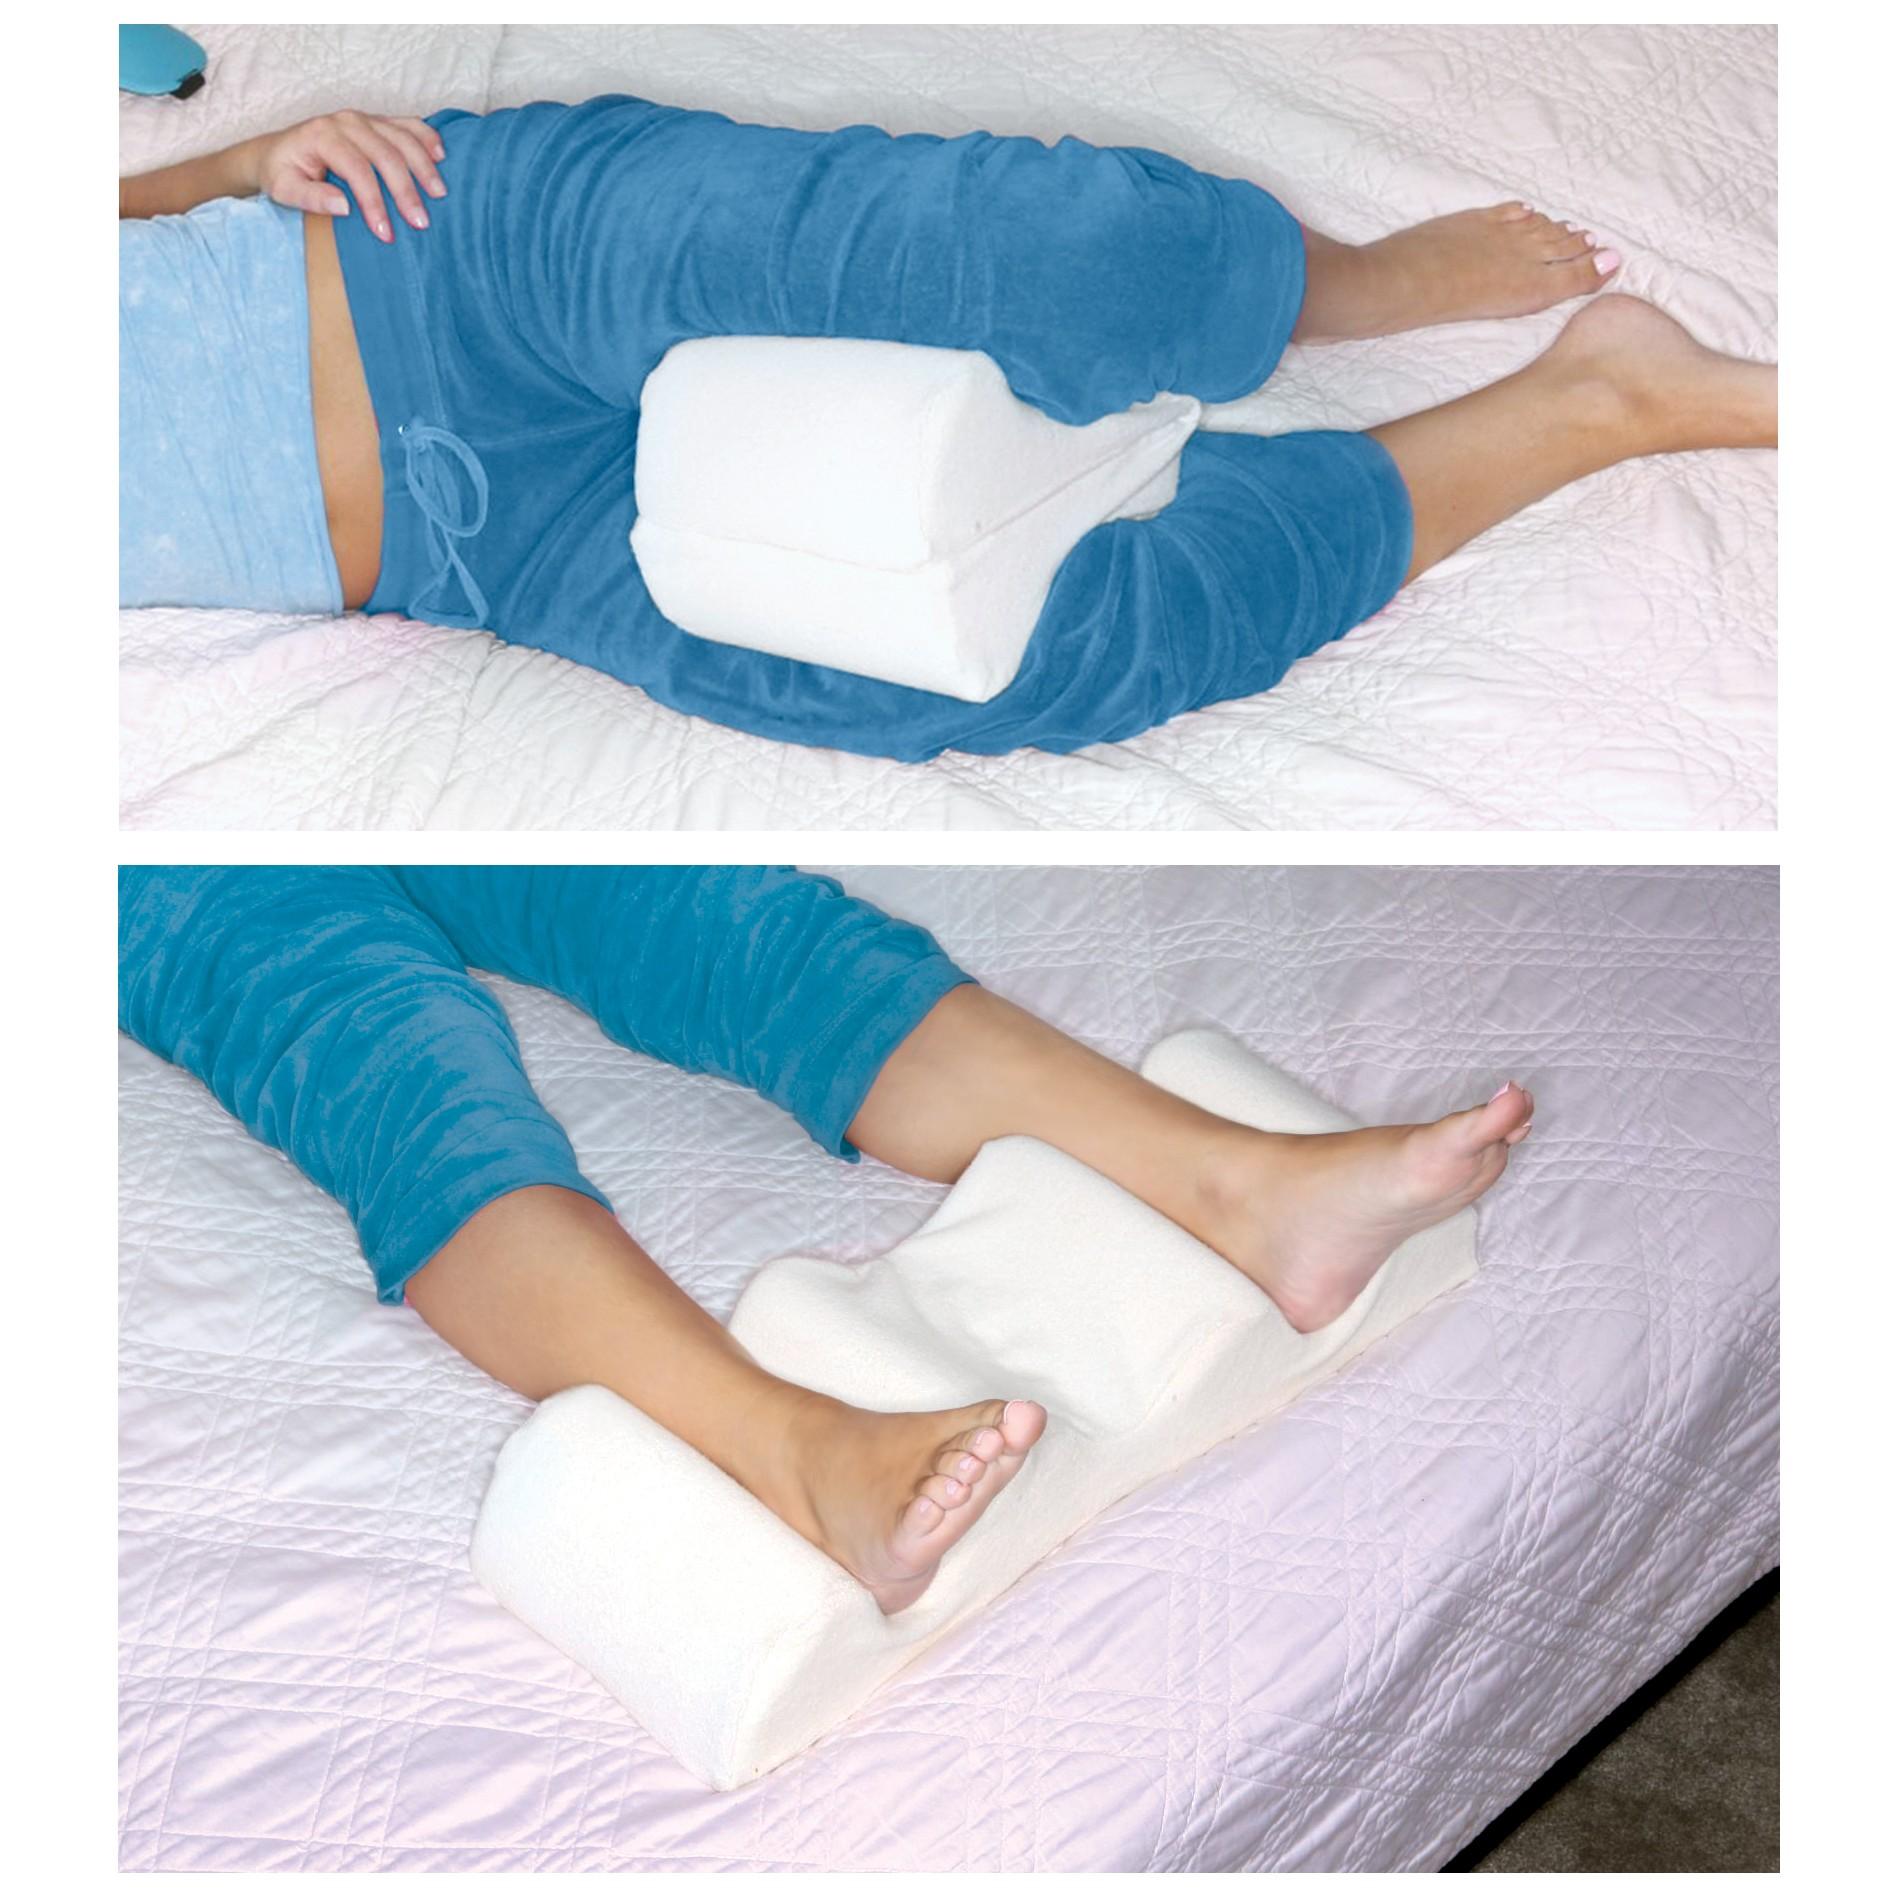 Leg Wedge Pillow Memory Foam Contour Leg Pillow That